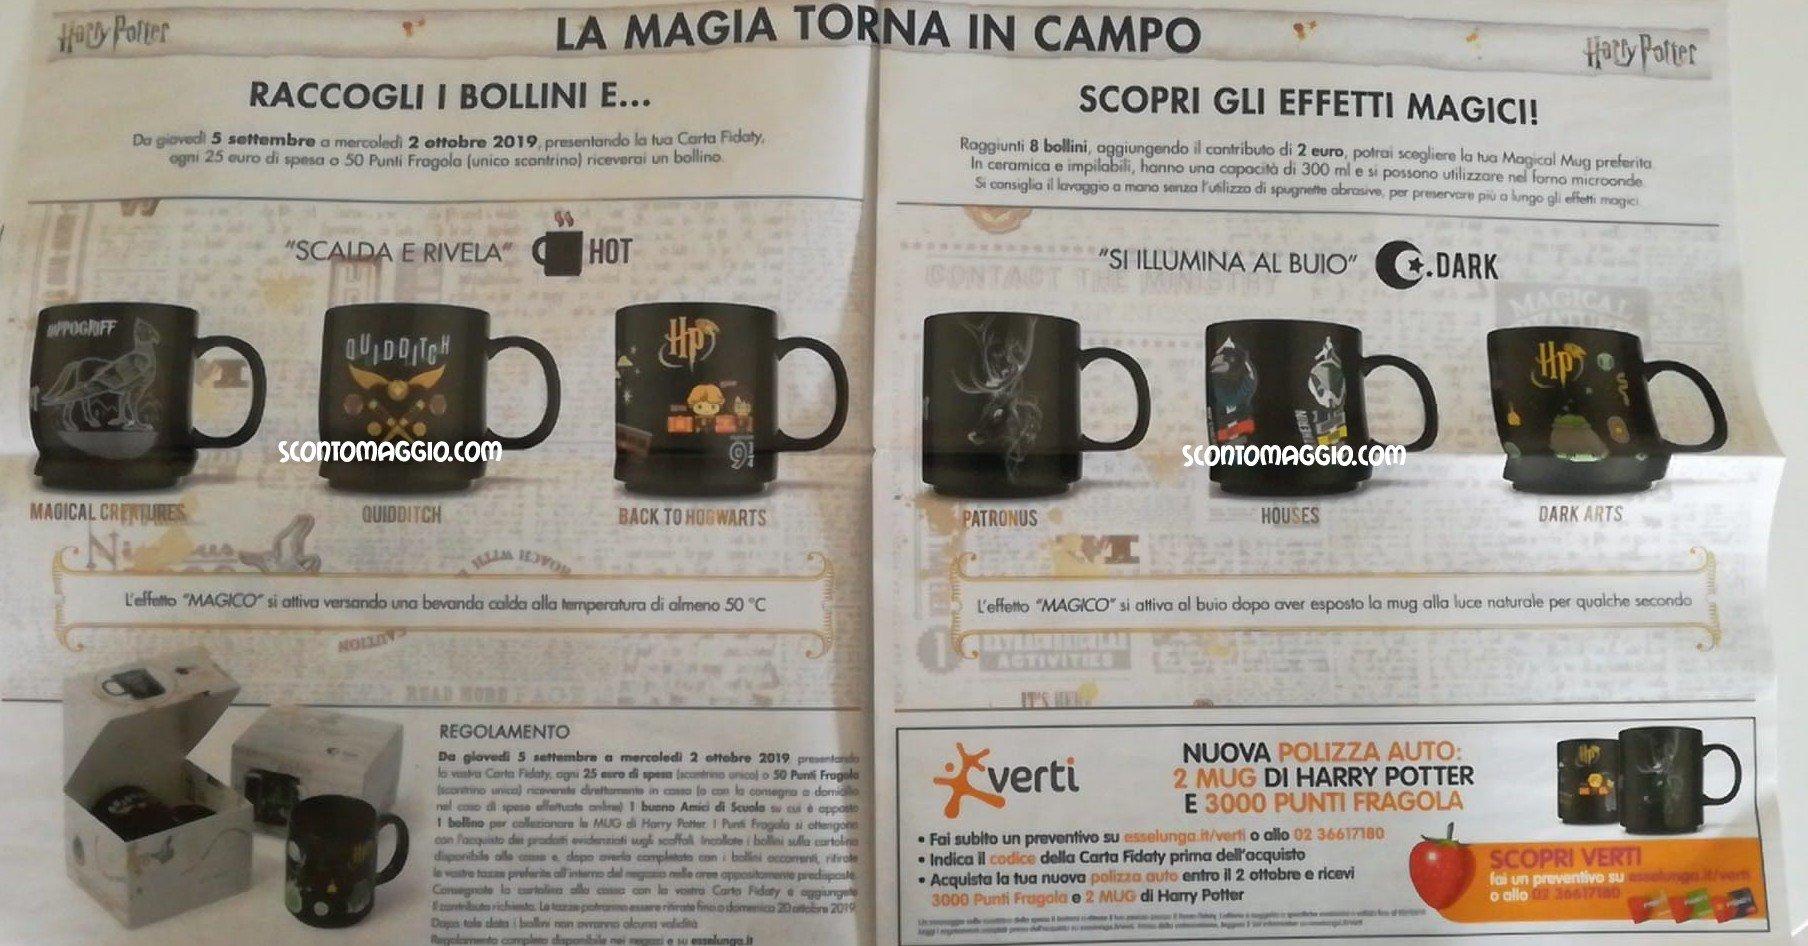 Calendario Dellavvento Harry Potter 2019.Harry Potter Magical Mug Tazze Scontomaggio